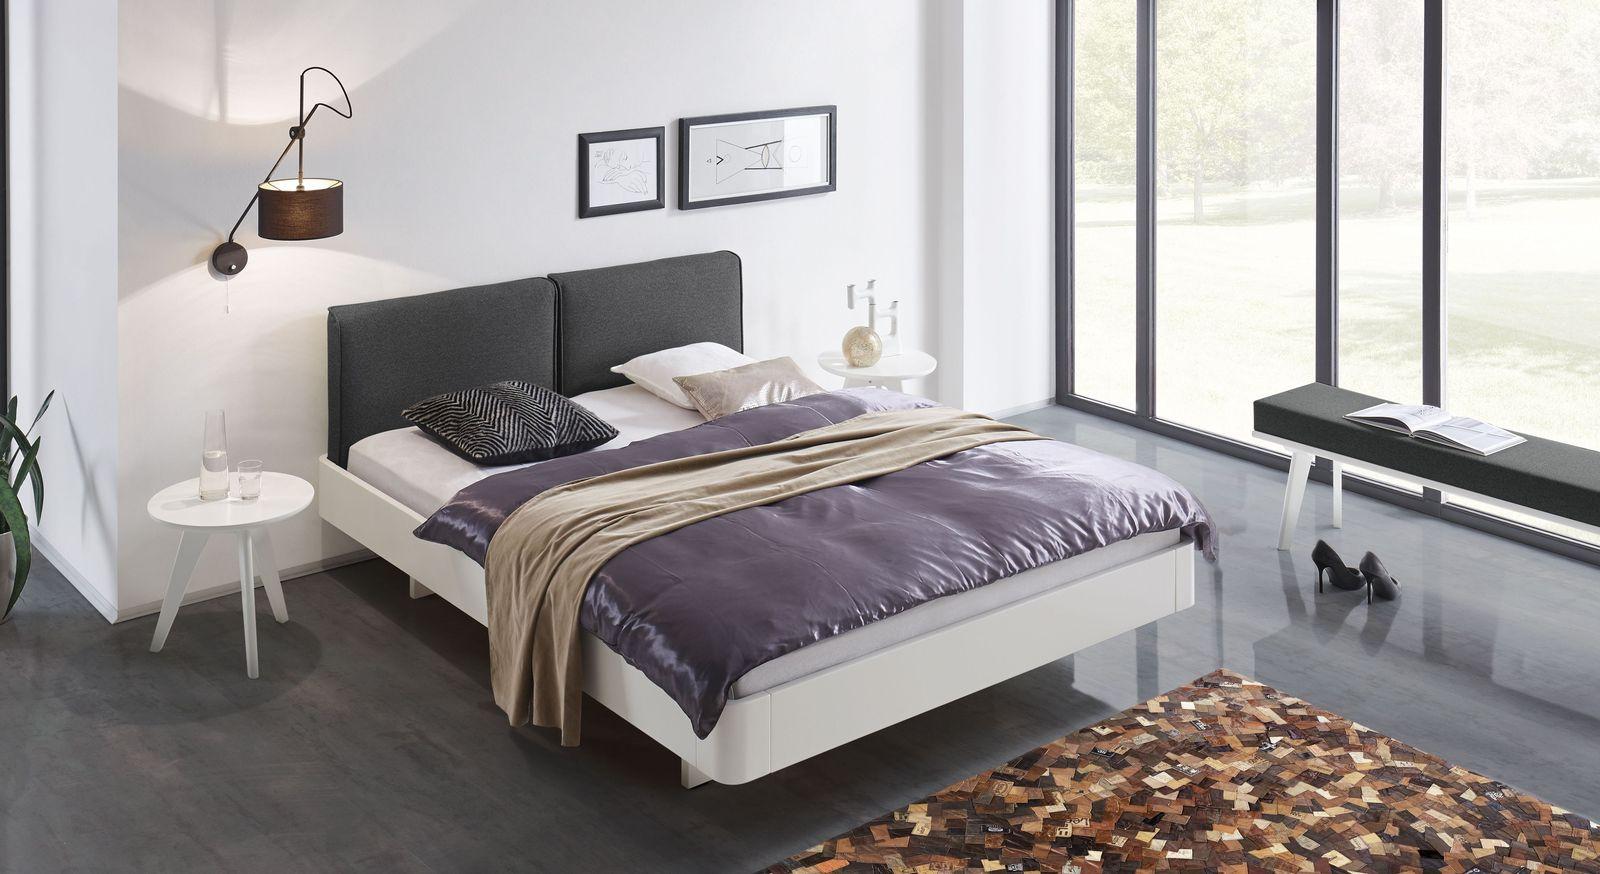 Bett Iraklia mit passenden Schlafzimmermöbel